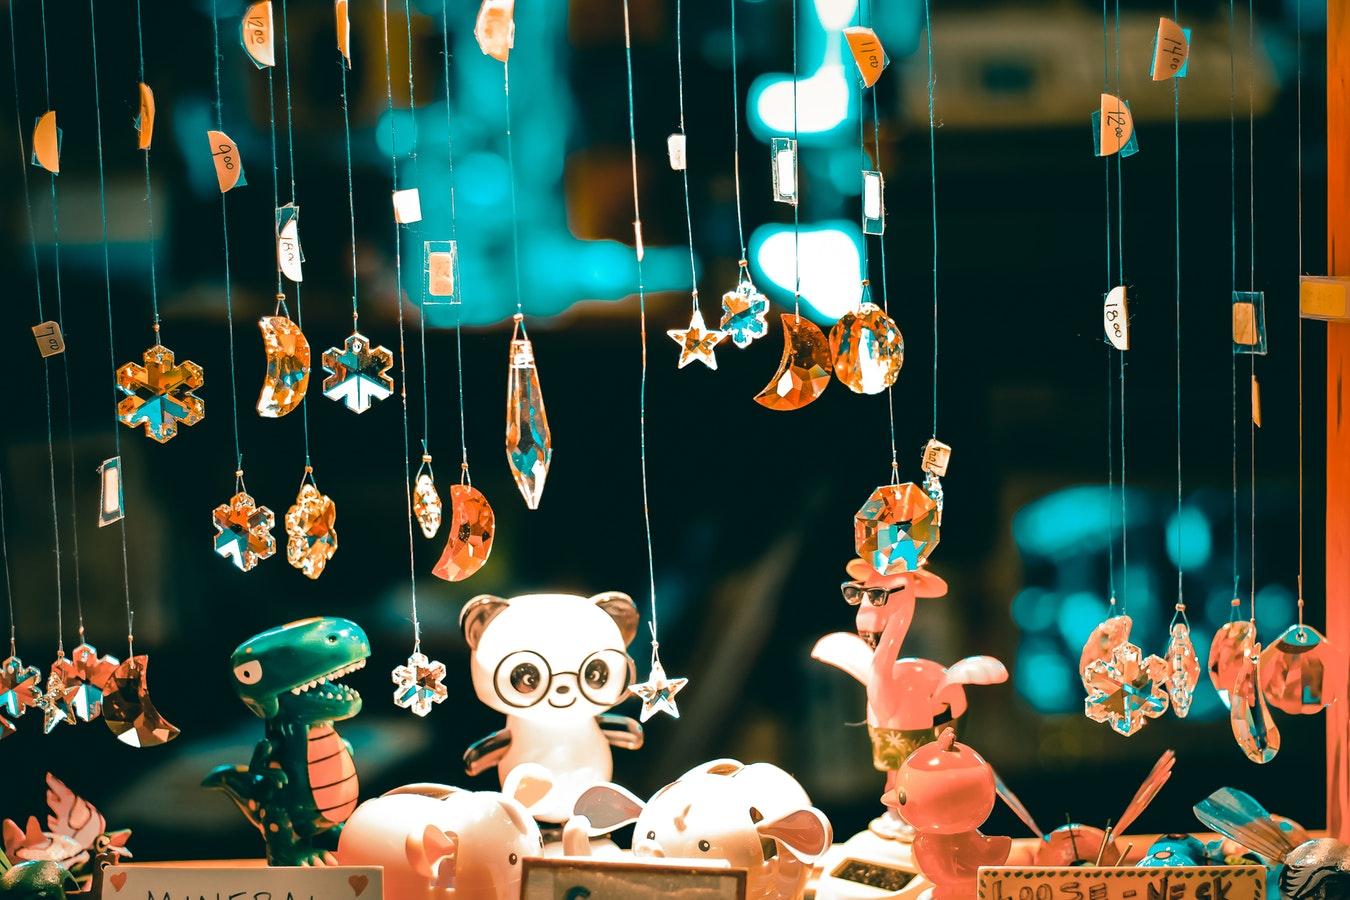 Γερμανία: Απανωτά λουκέτα σε καταστήματα παιχνιδιών